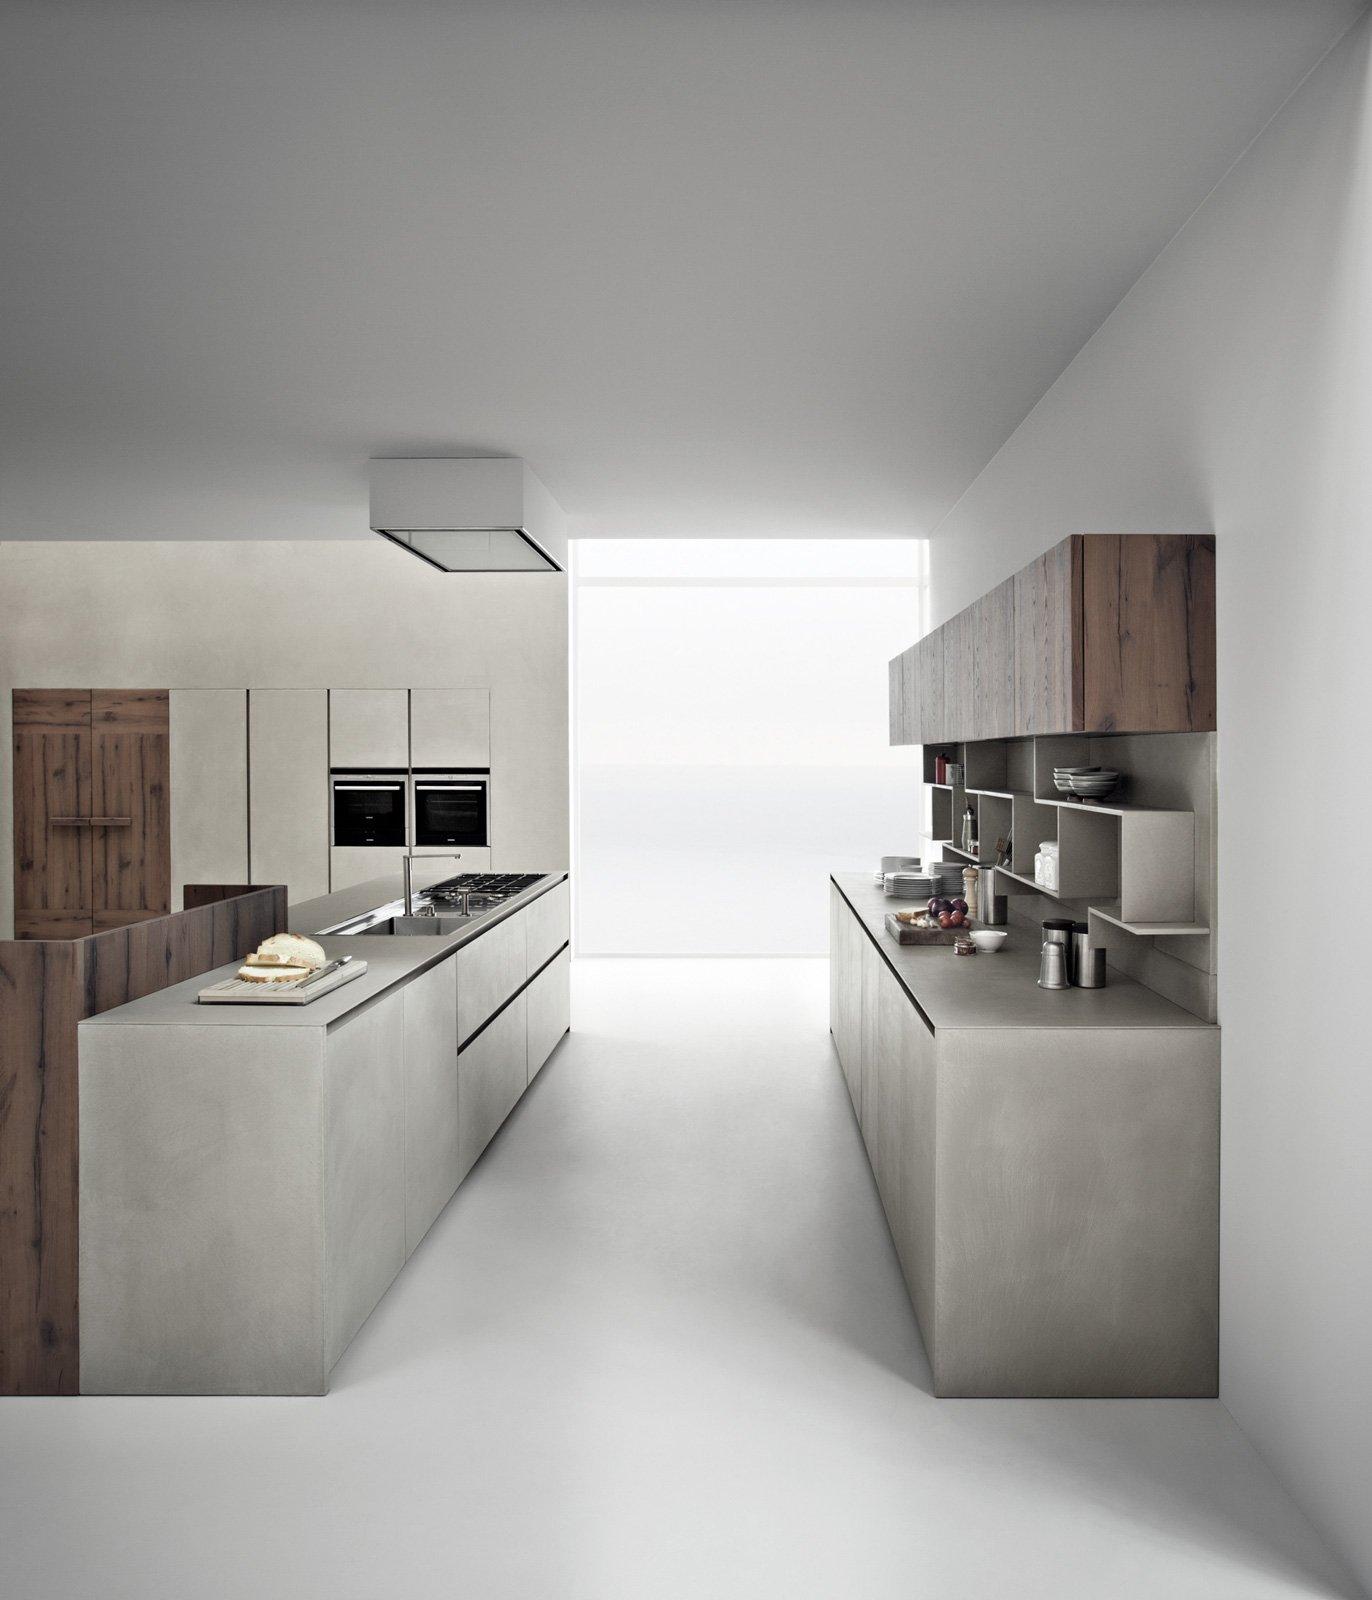 Piani di lavoro innovativi per la cucina cose di casa for Piani di cucina